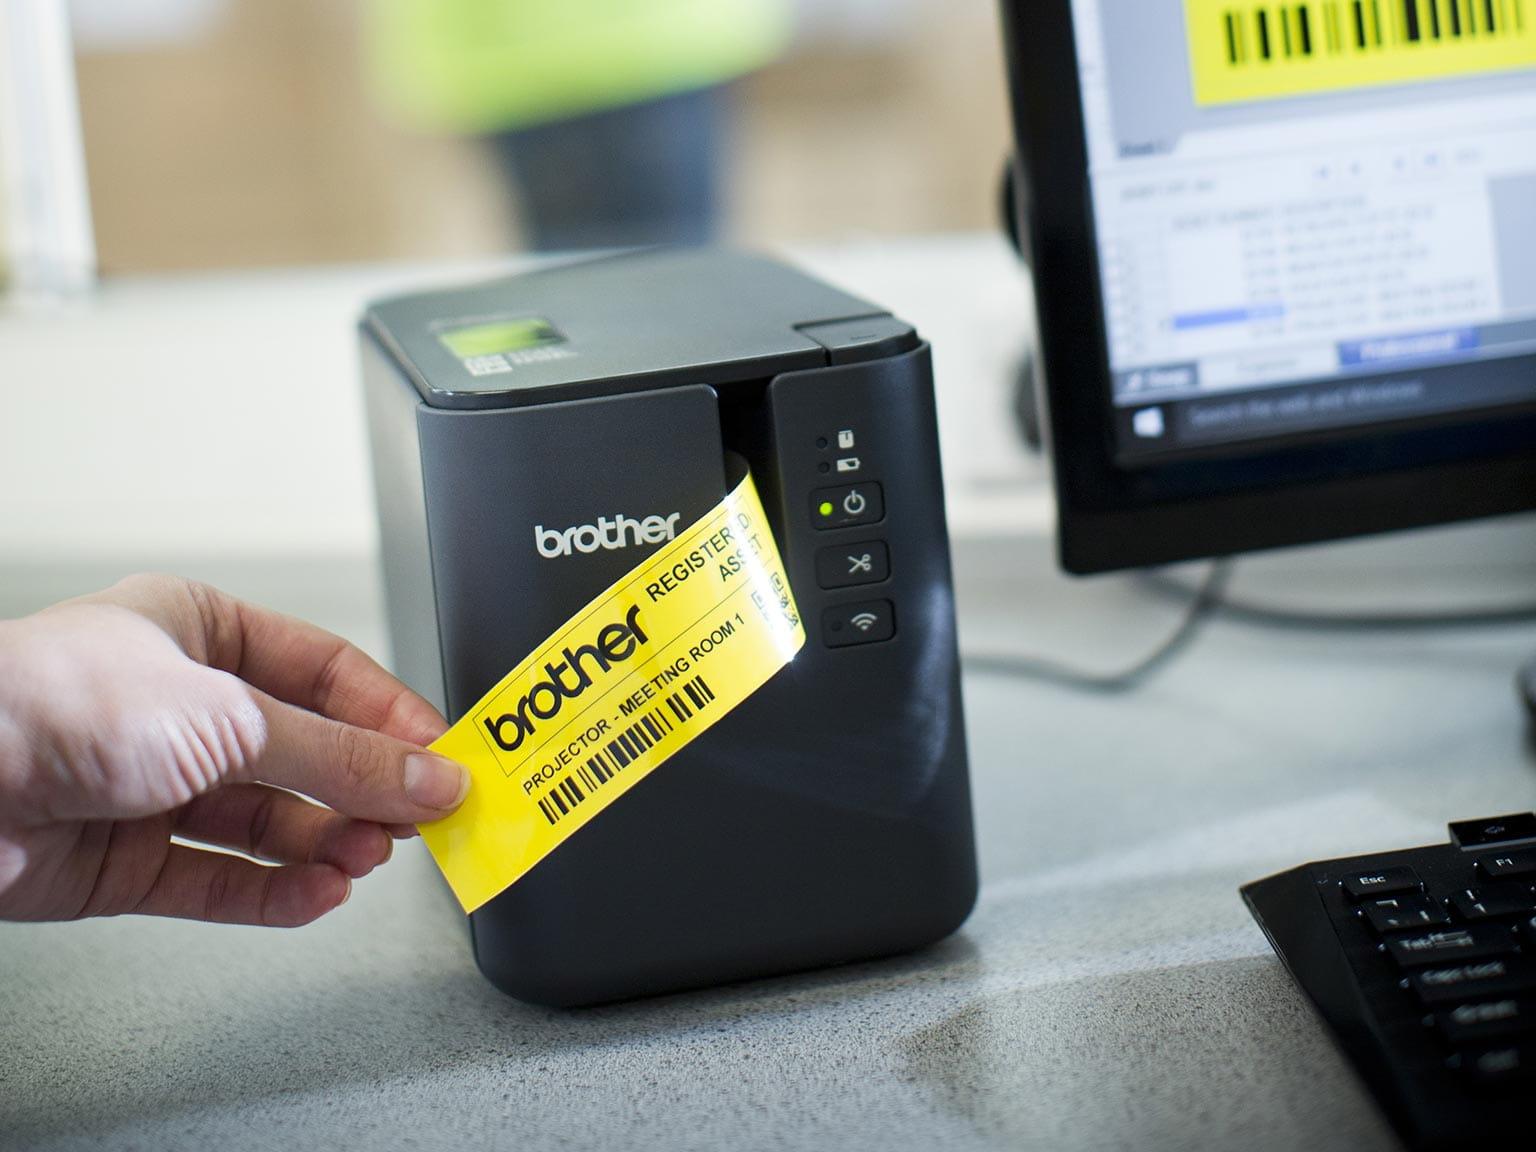 Imprimantă de etichete Brother P-touch P900W cu etichetă galbenă imprimată de pe PC